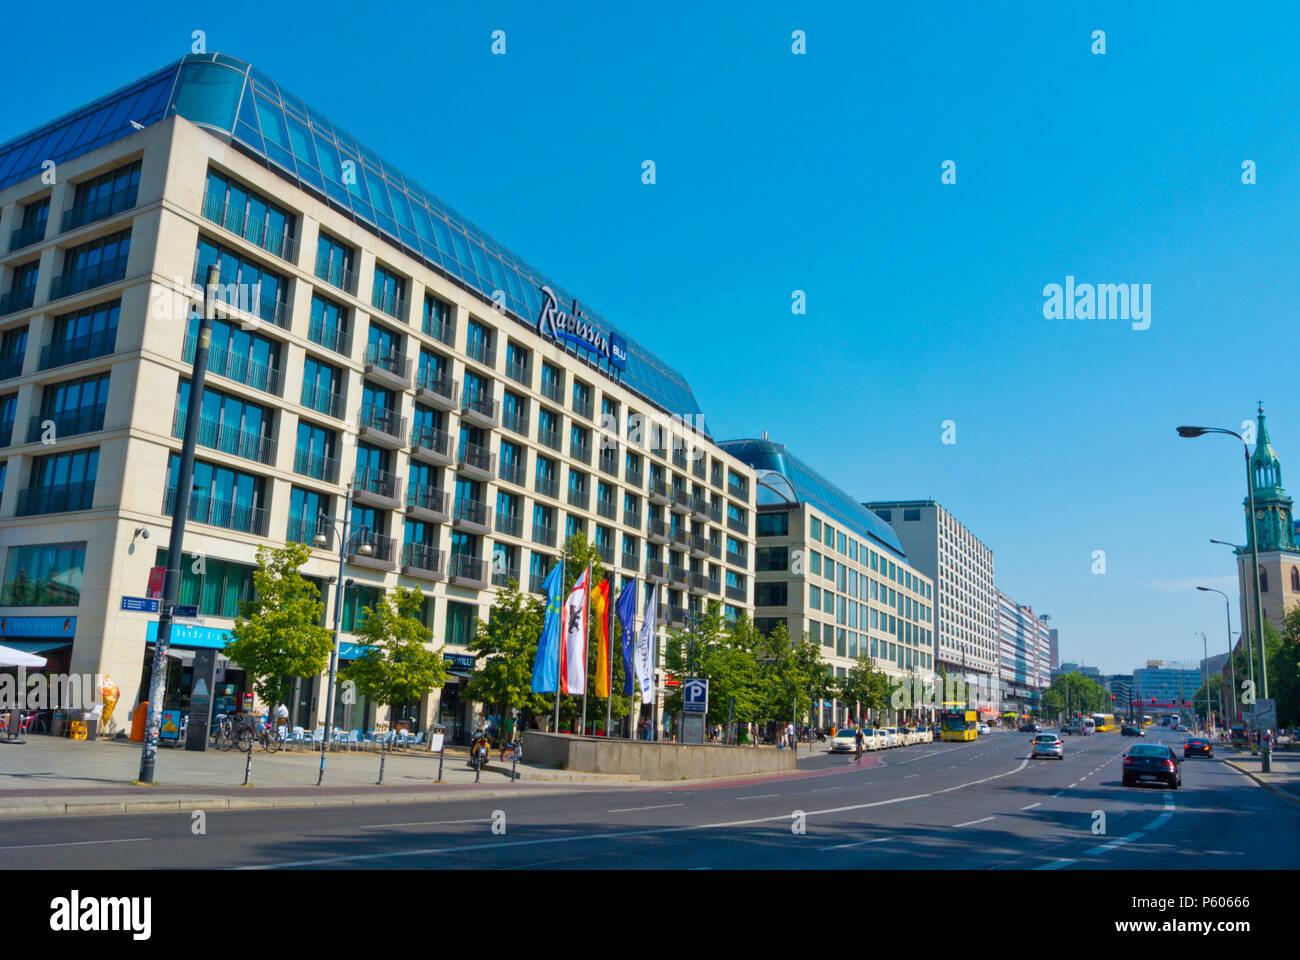 Karl-Liebknecht-Strasse, Alexanderplatz, Mitte, Berlin, Germany - Stock Image